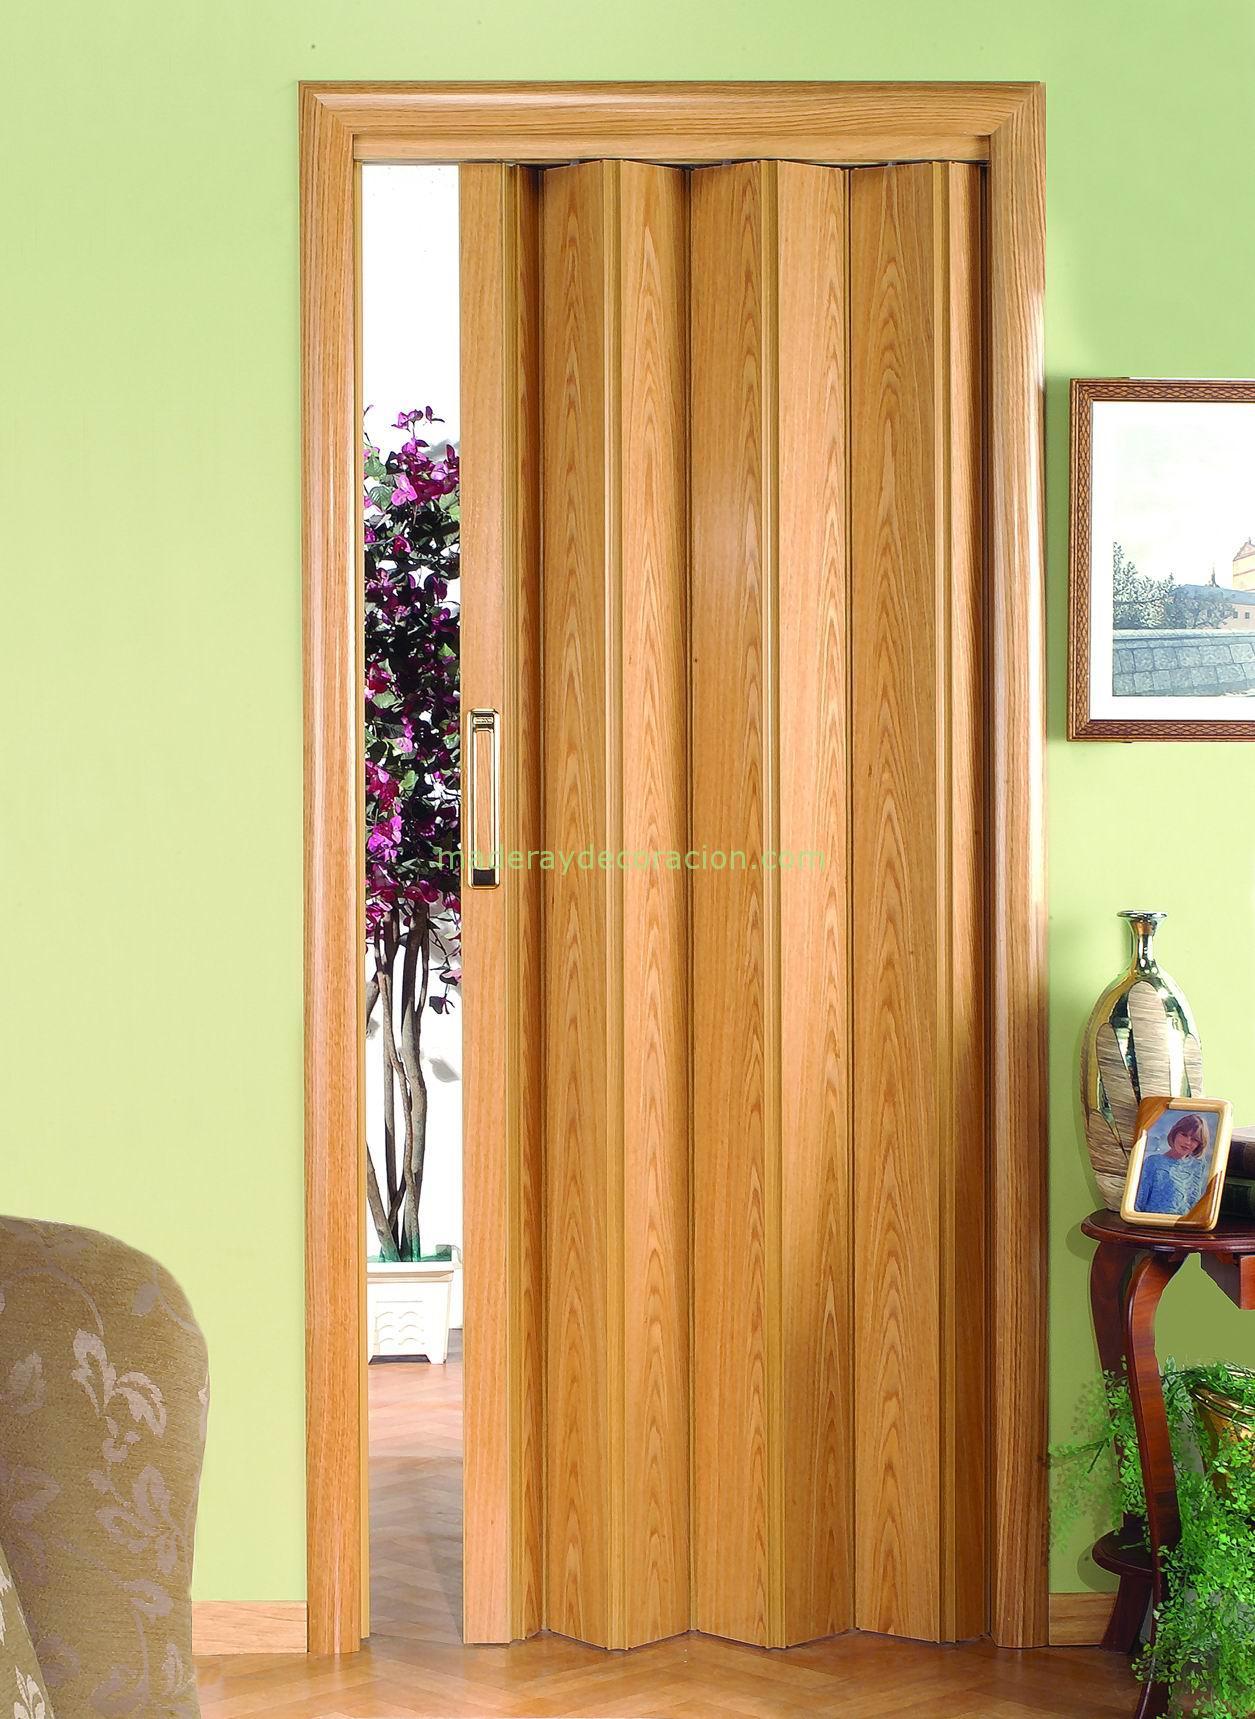 Puertas plegables a medida de madera y pvc for Precio de puertas plegables